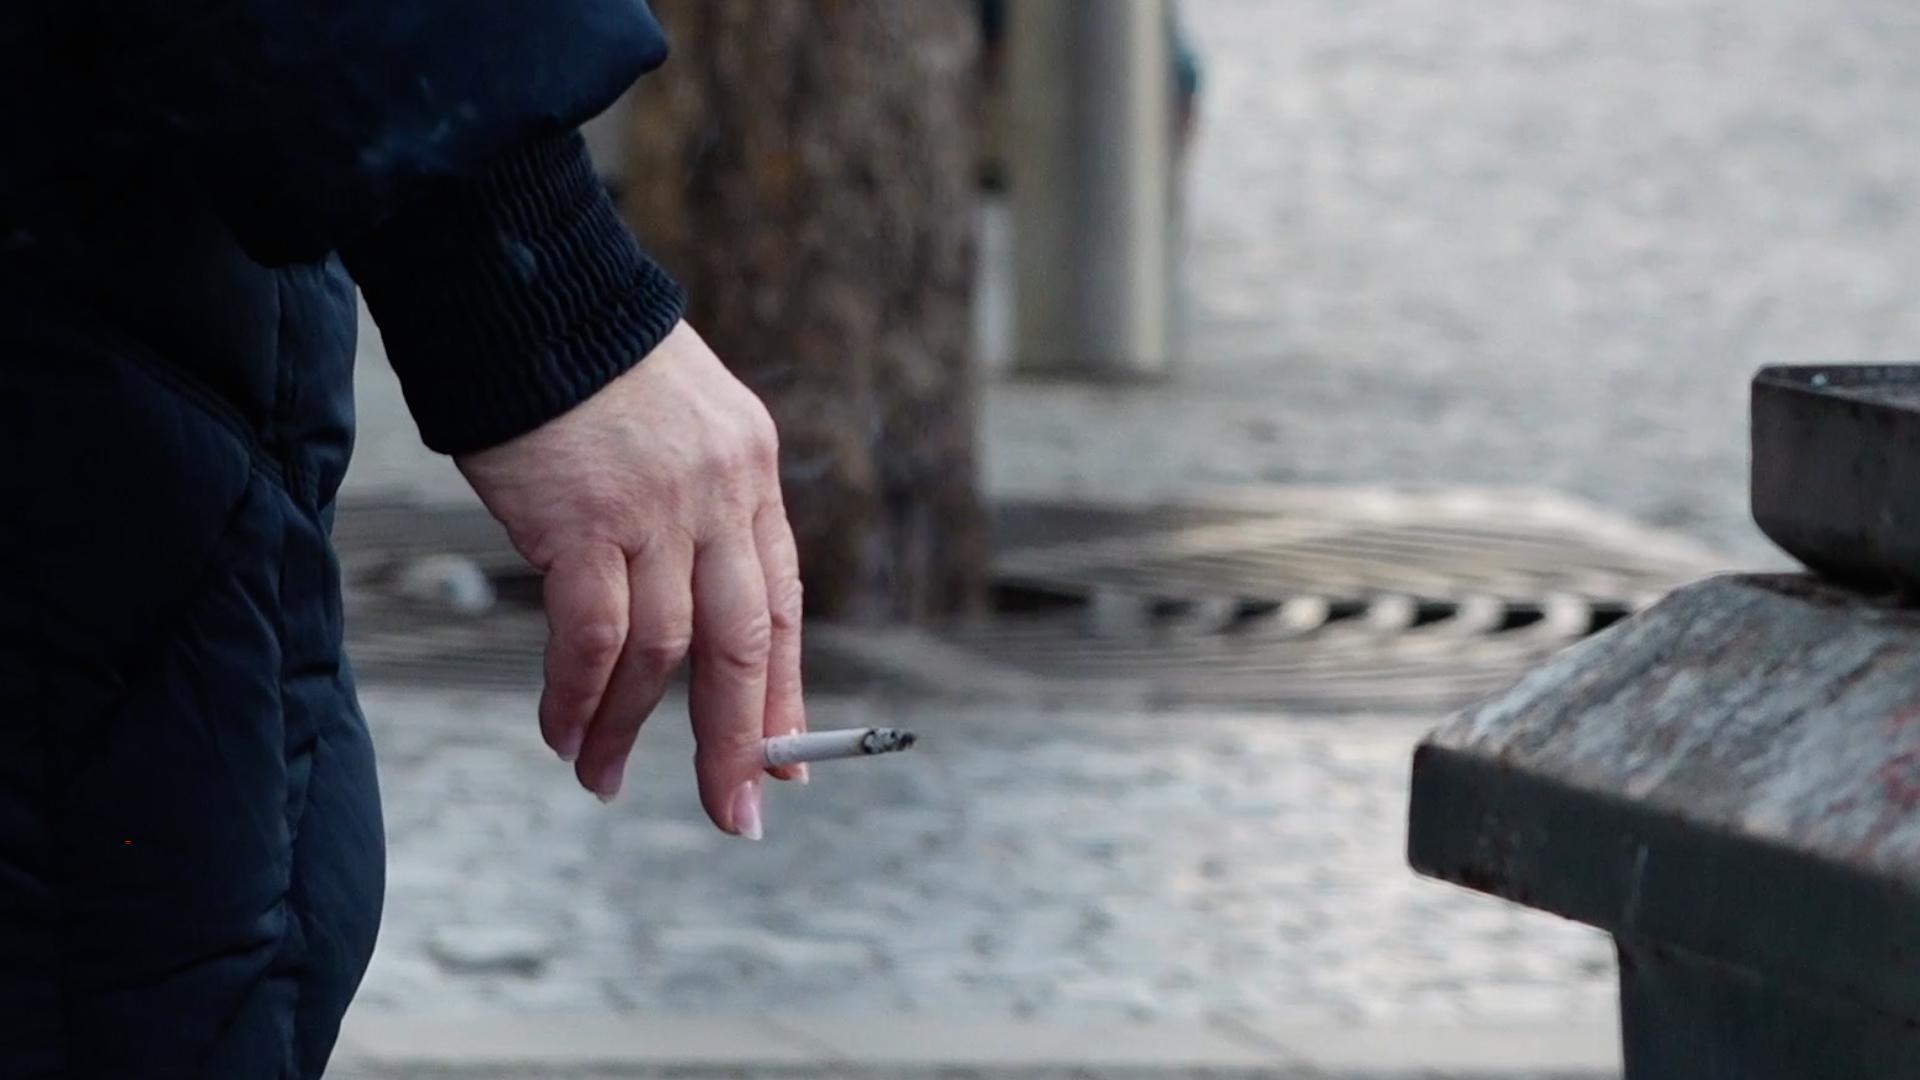 Zdarma hd kouření videa